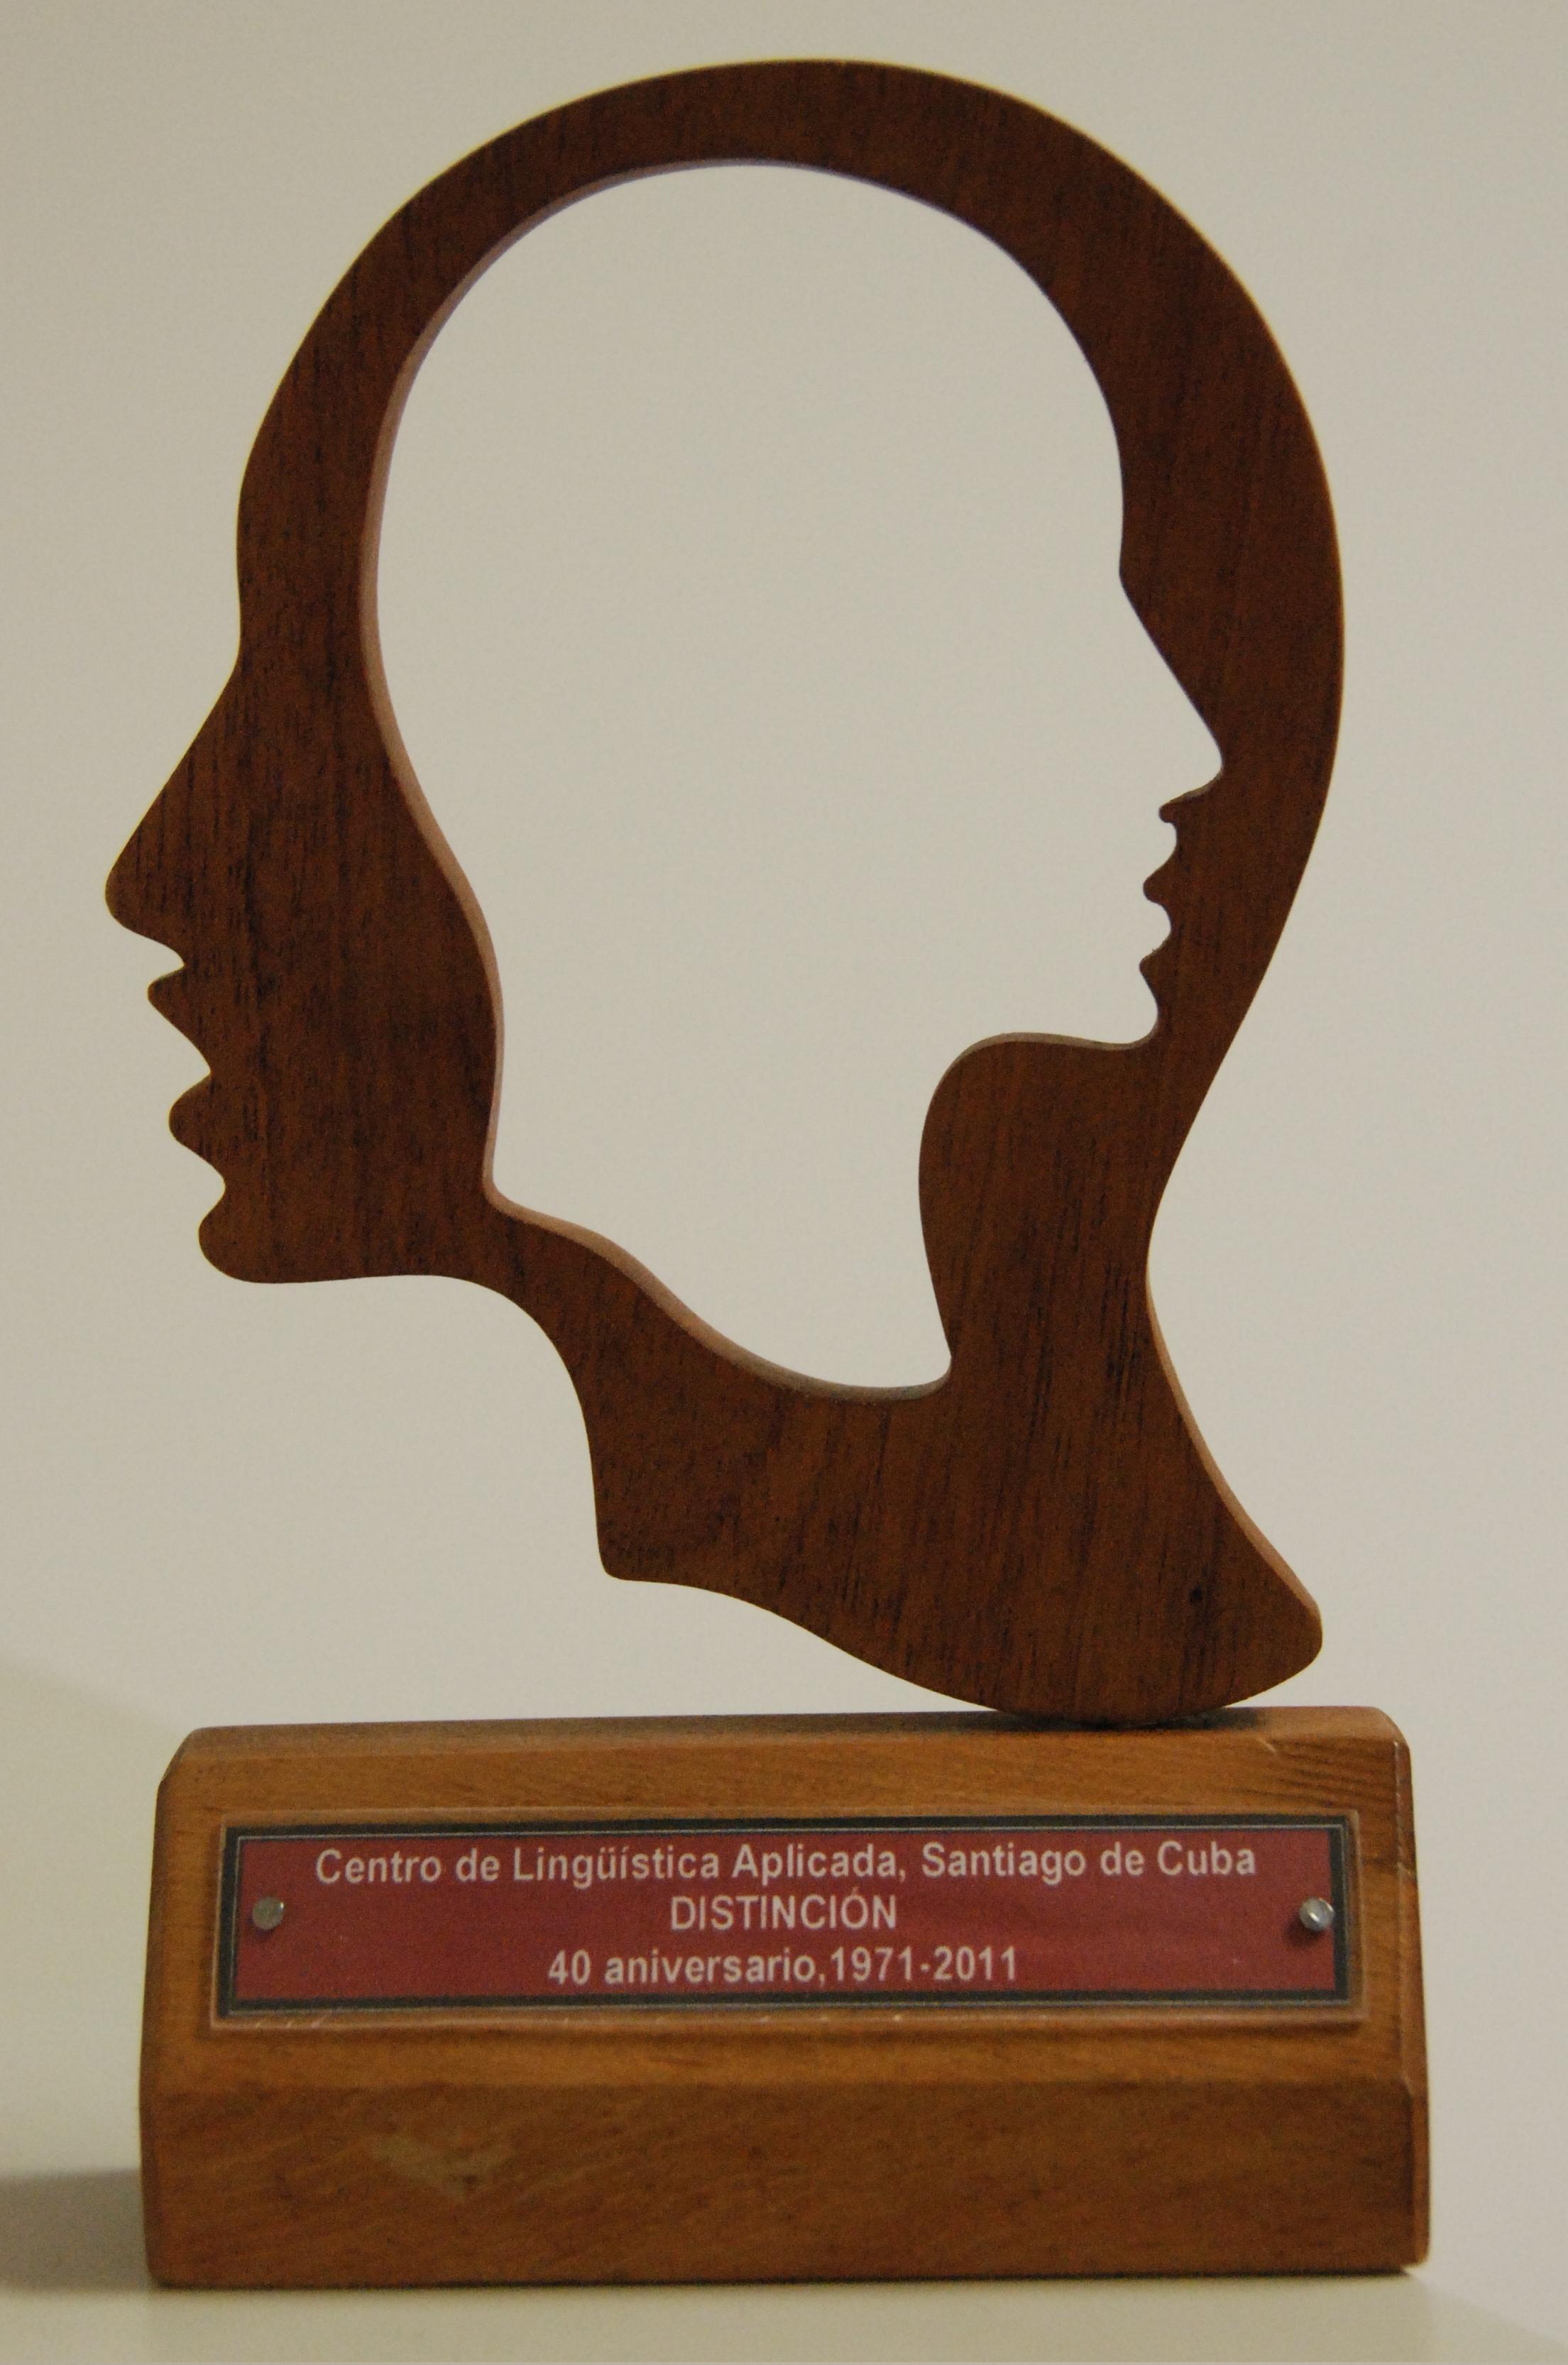 40th Anniversary Of The Centro De Ling 252 237 Stica Aplicada In